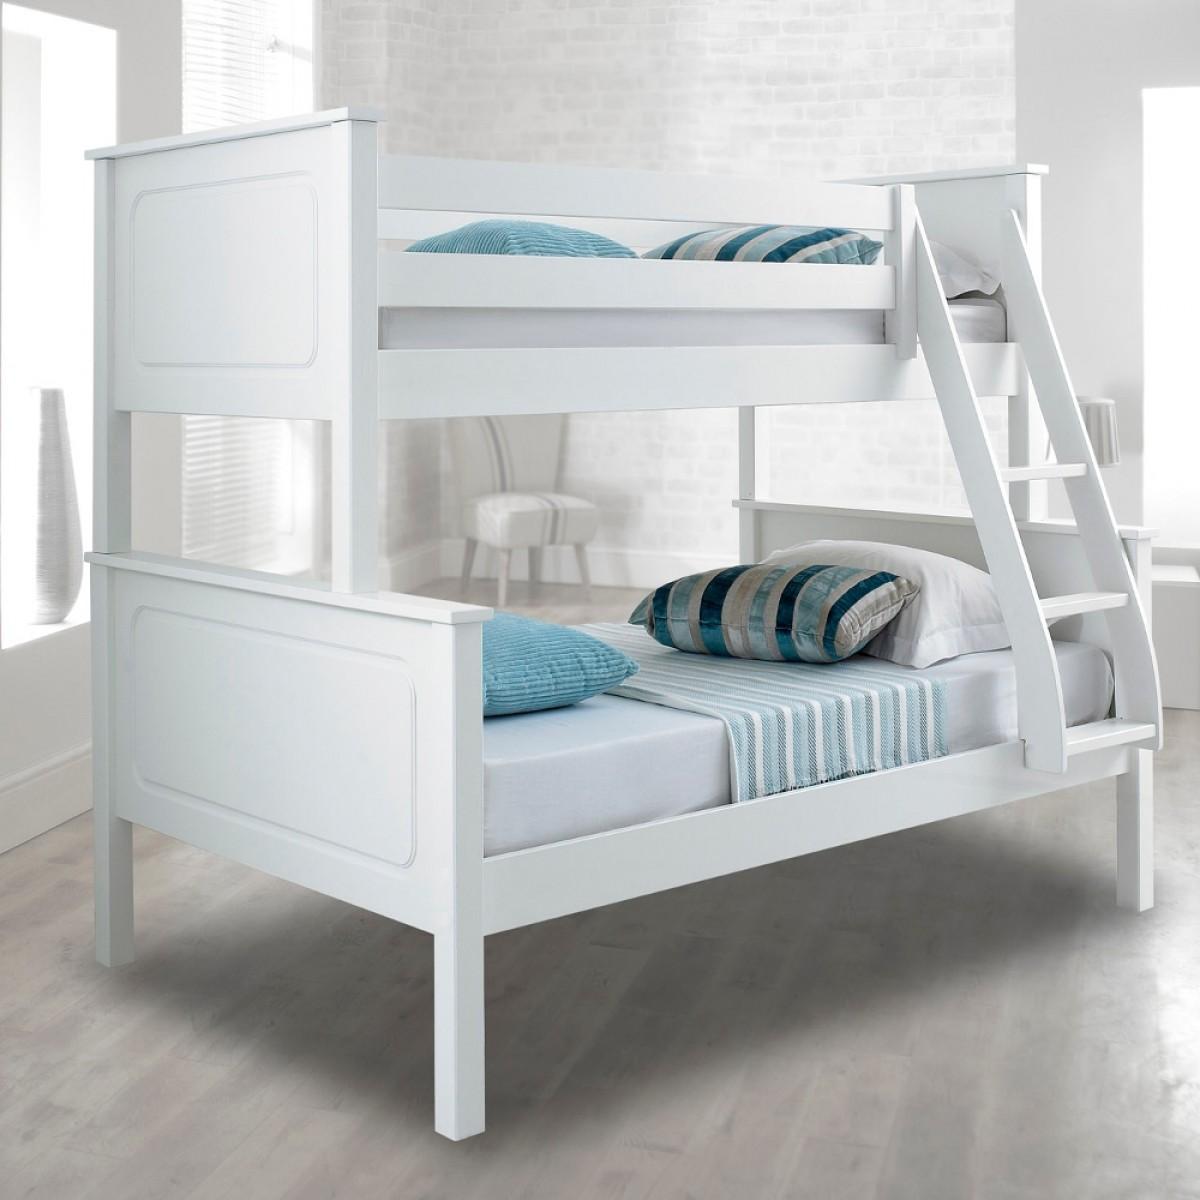 Triple Bunk Bed Measurements